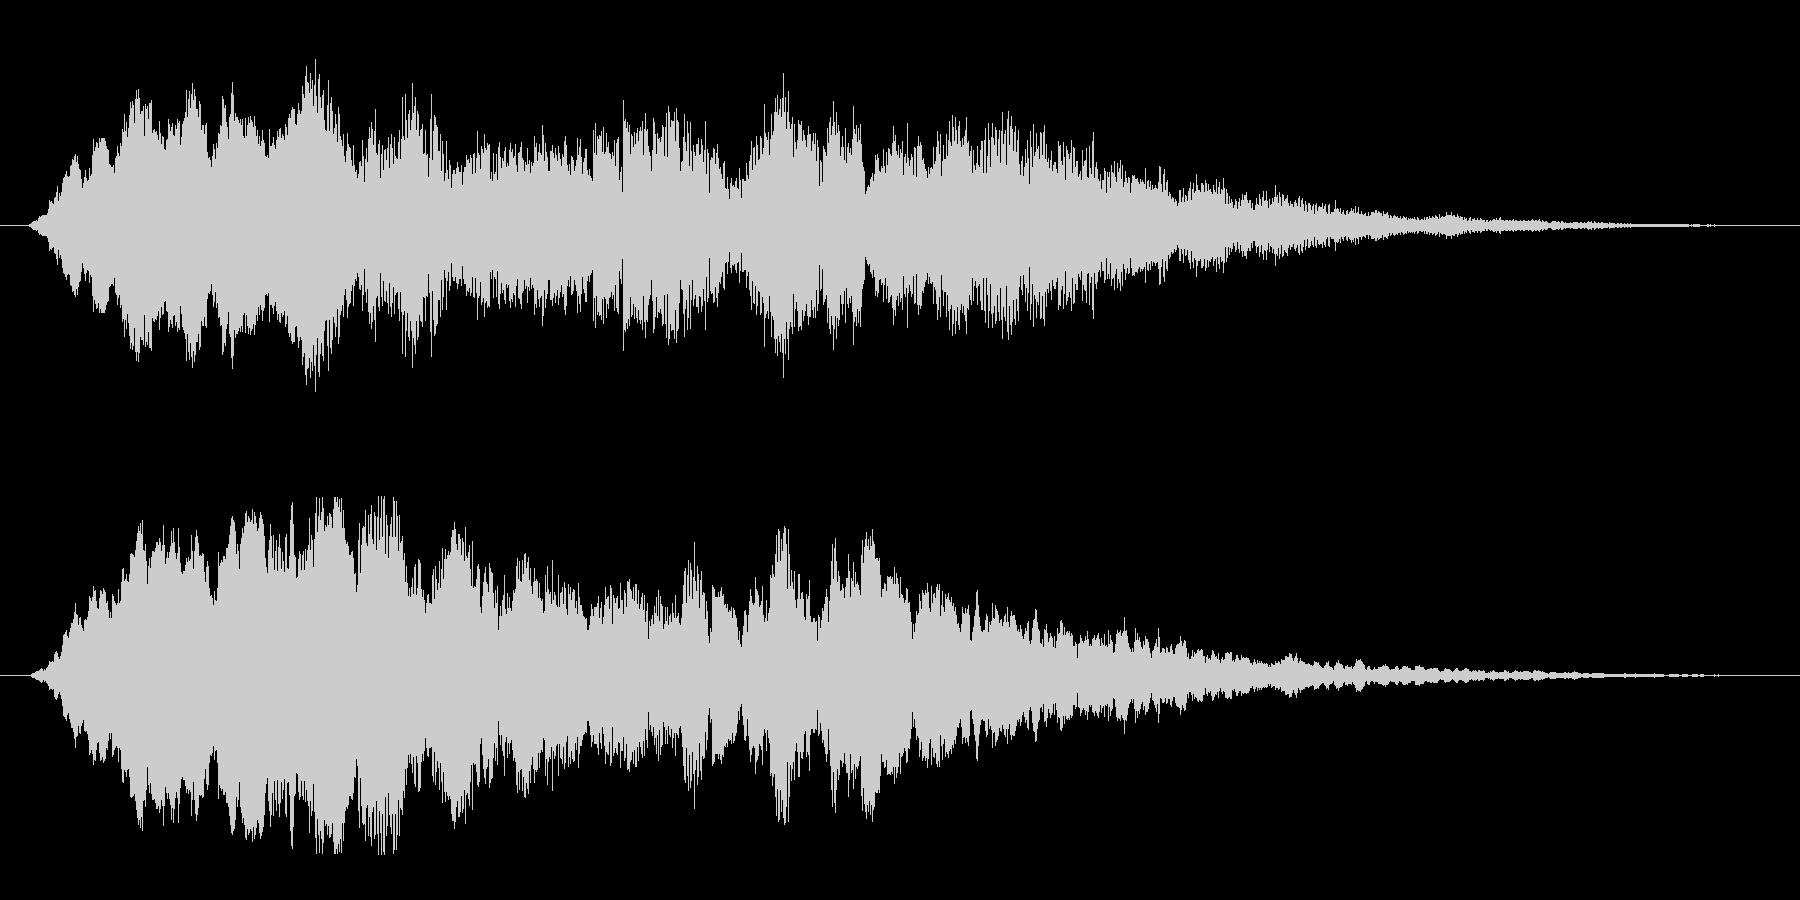 クリーンで透明感のあるショートロゴの未再生の波形